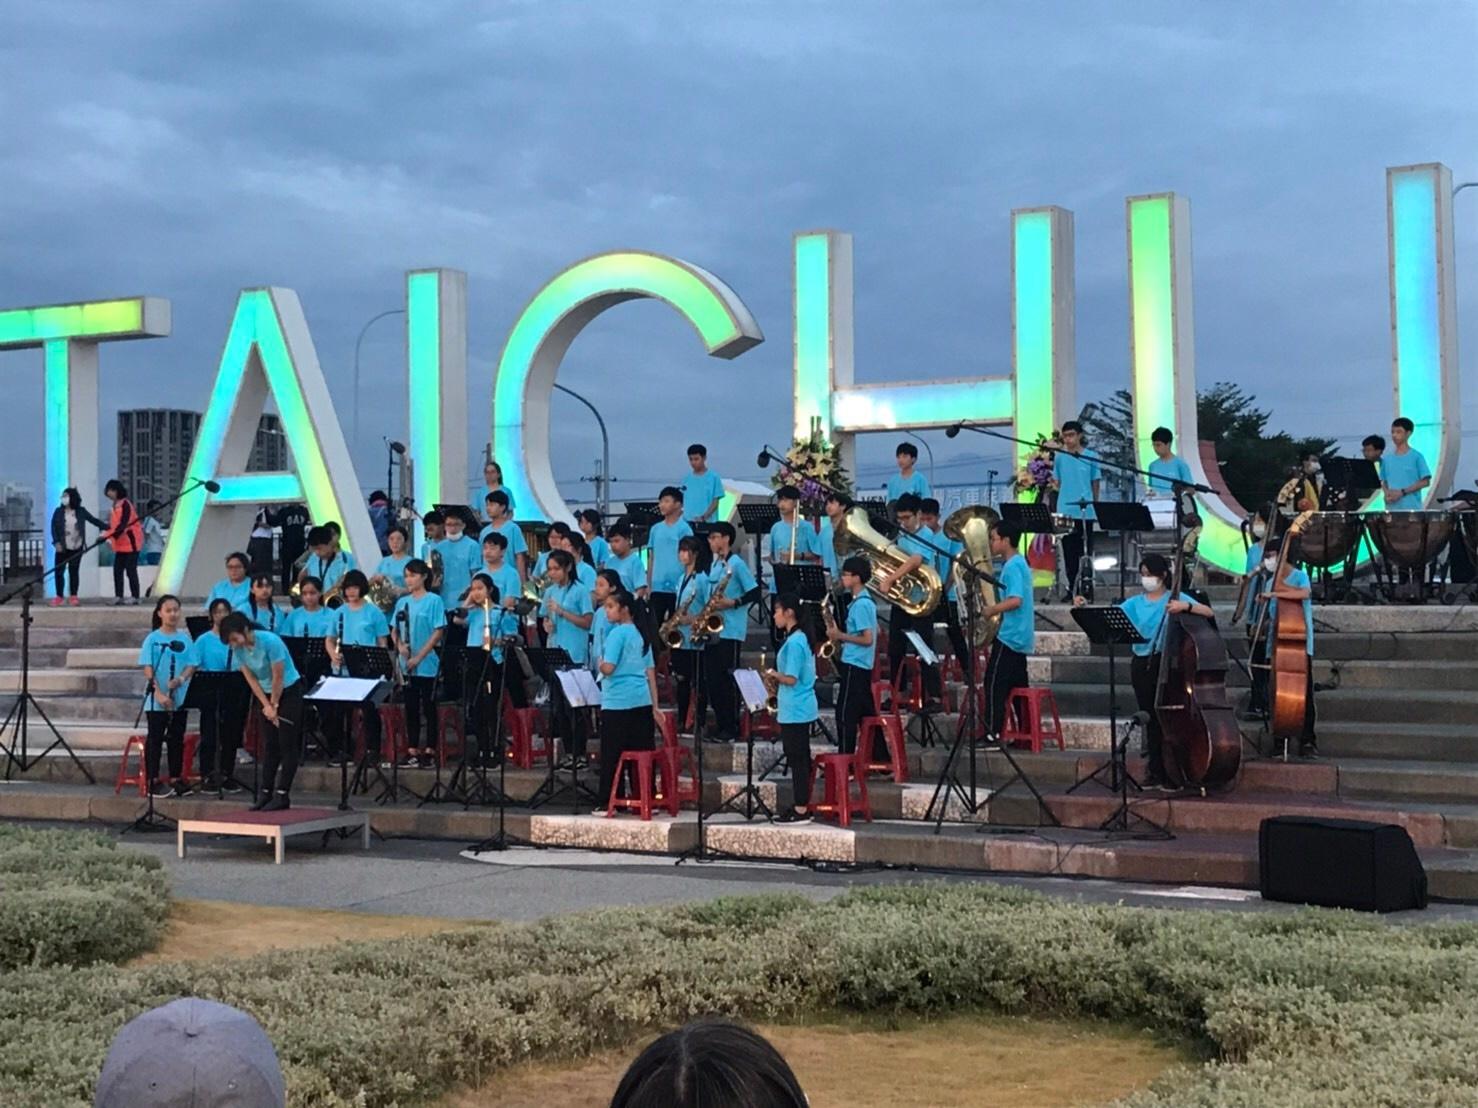 臺中市立安和國民中學音樂班第15屆成果發表會、共1張圖片